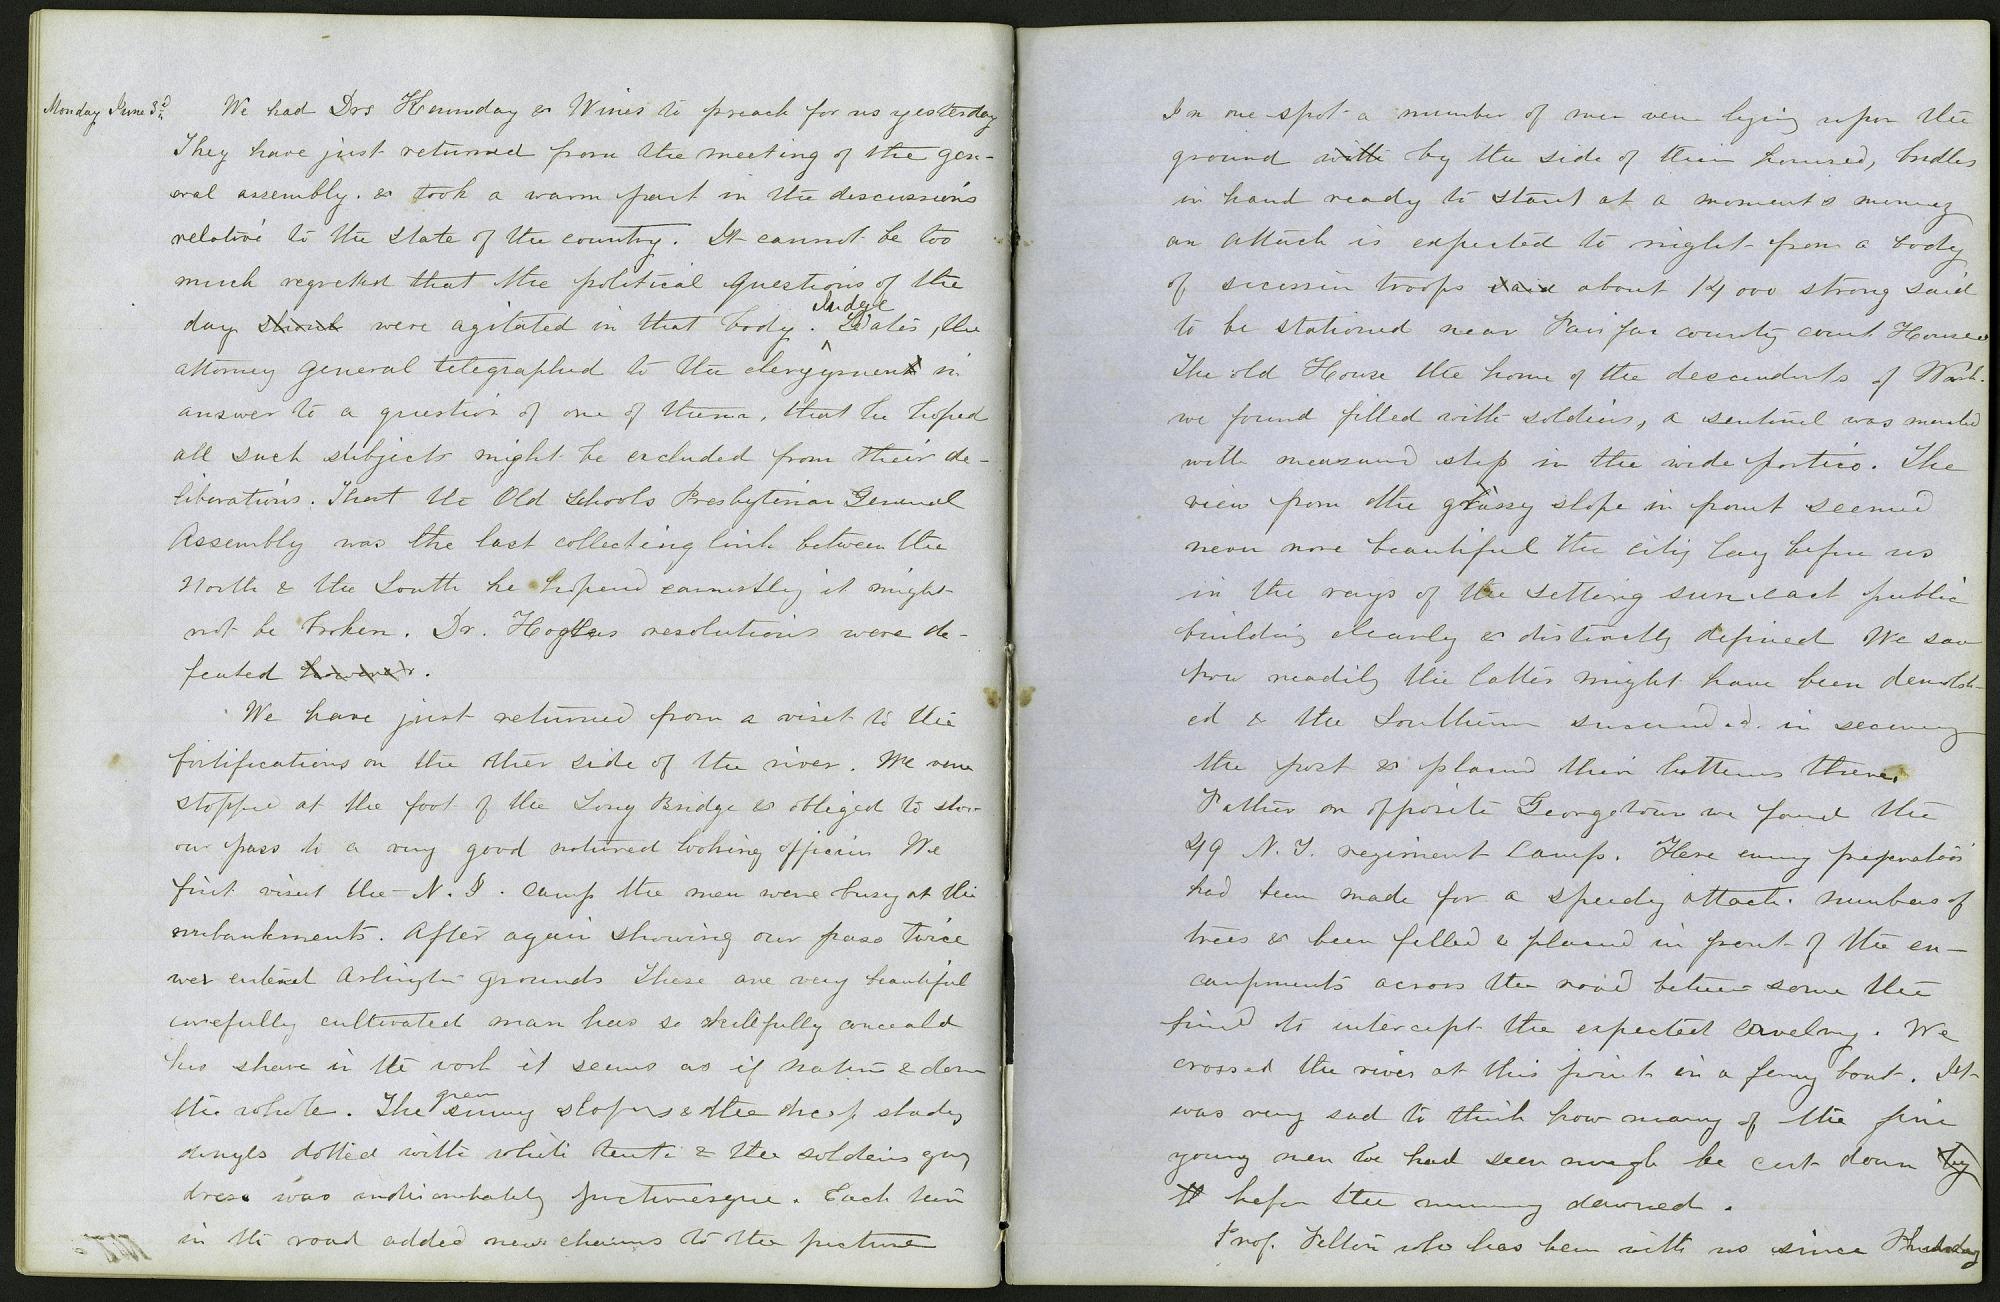 Mary Henry Diary, June 3, 1861